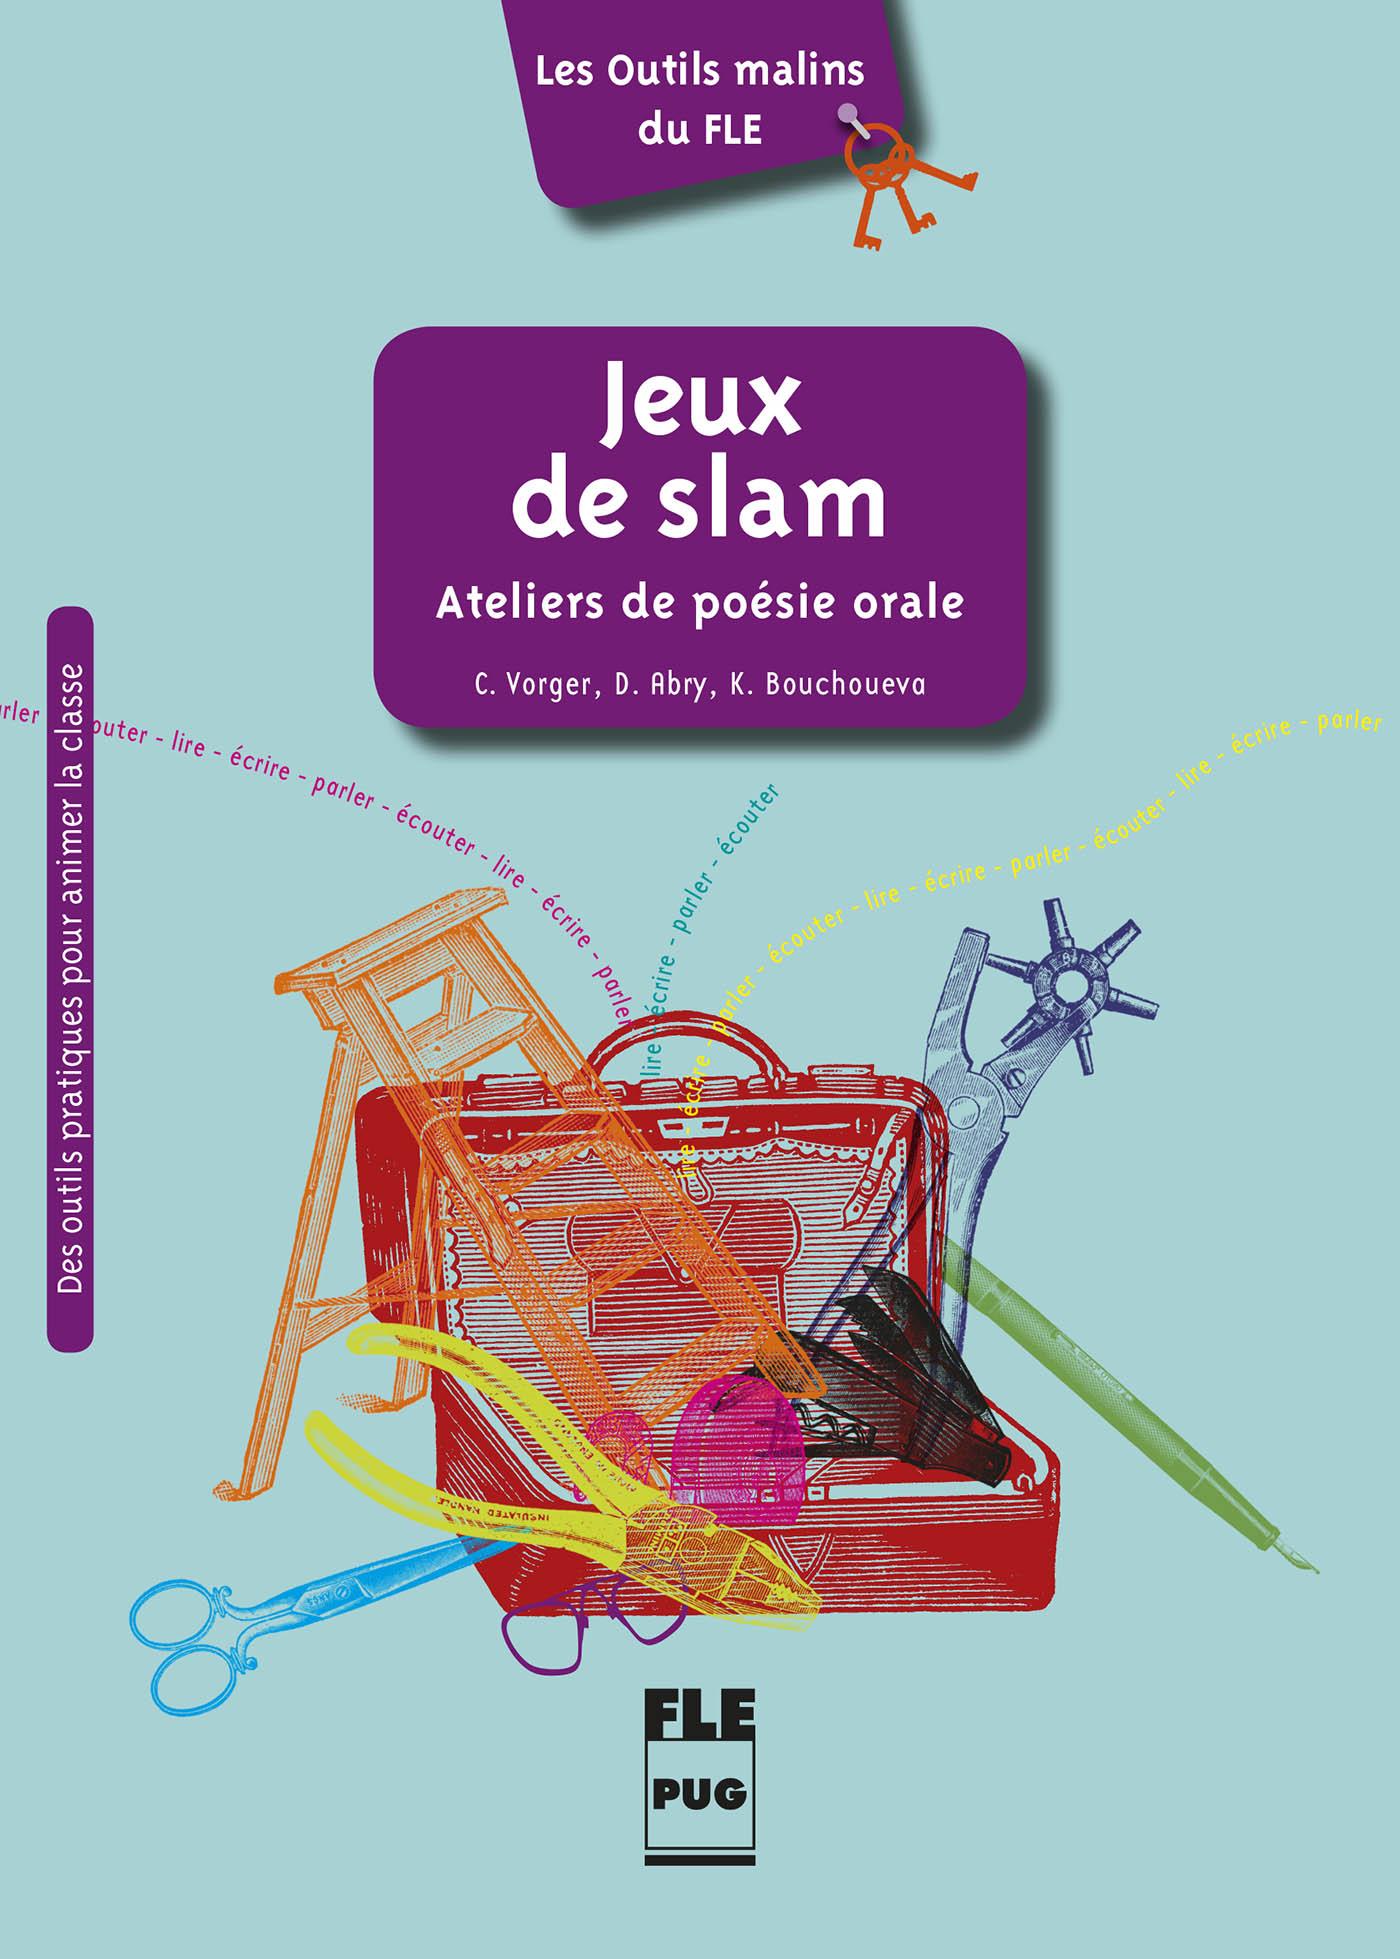 jeux de slam - ateliers de po u00e9sie orale